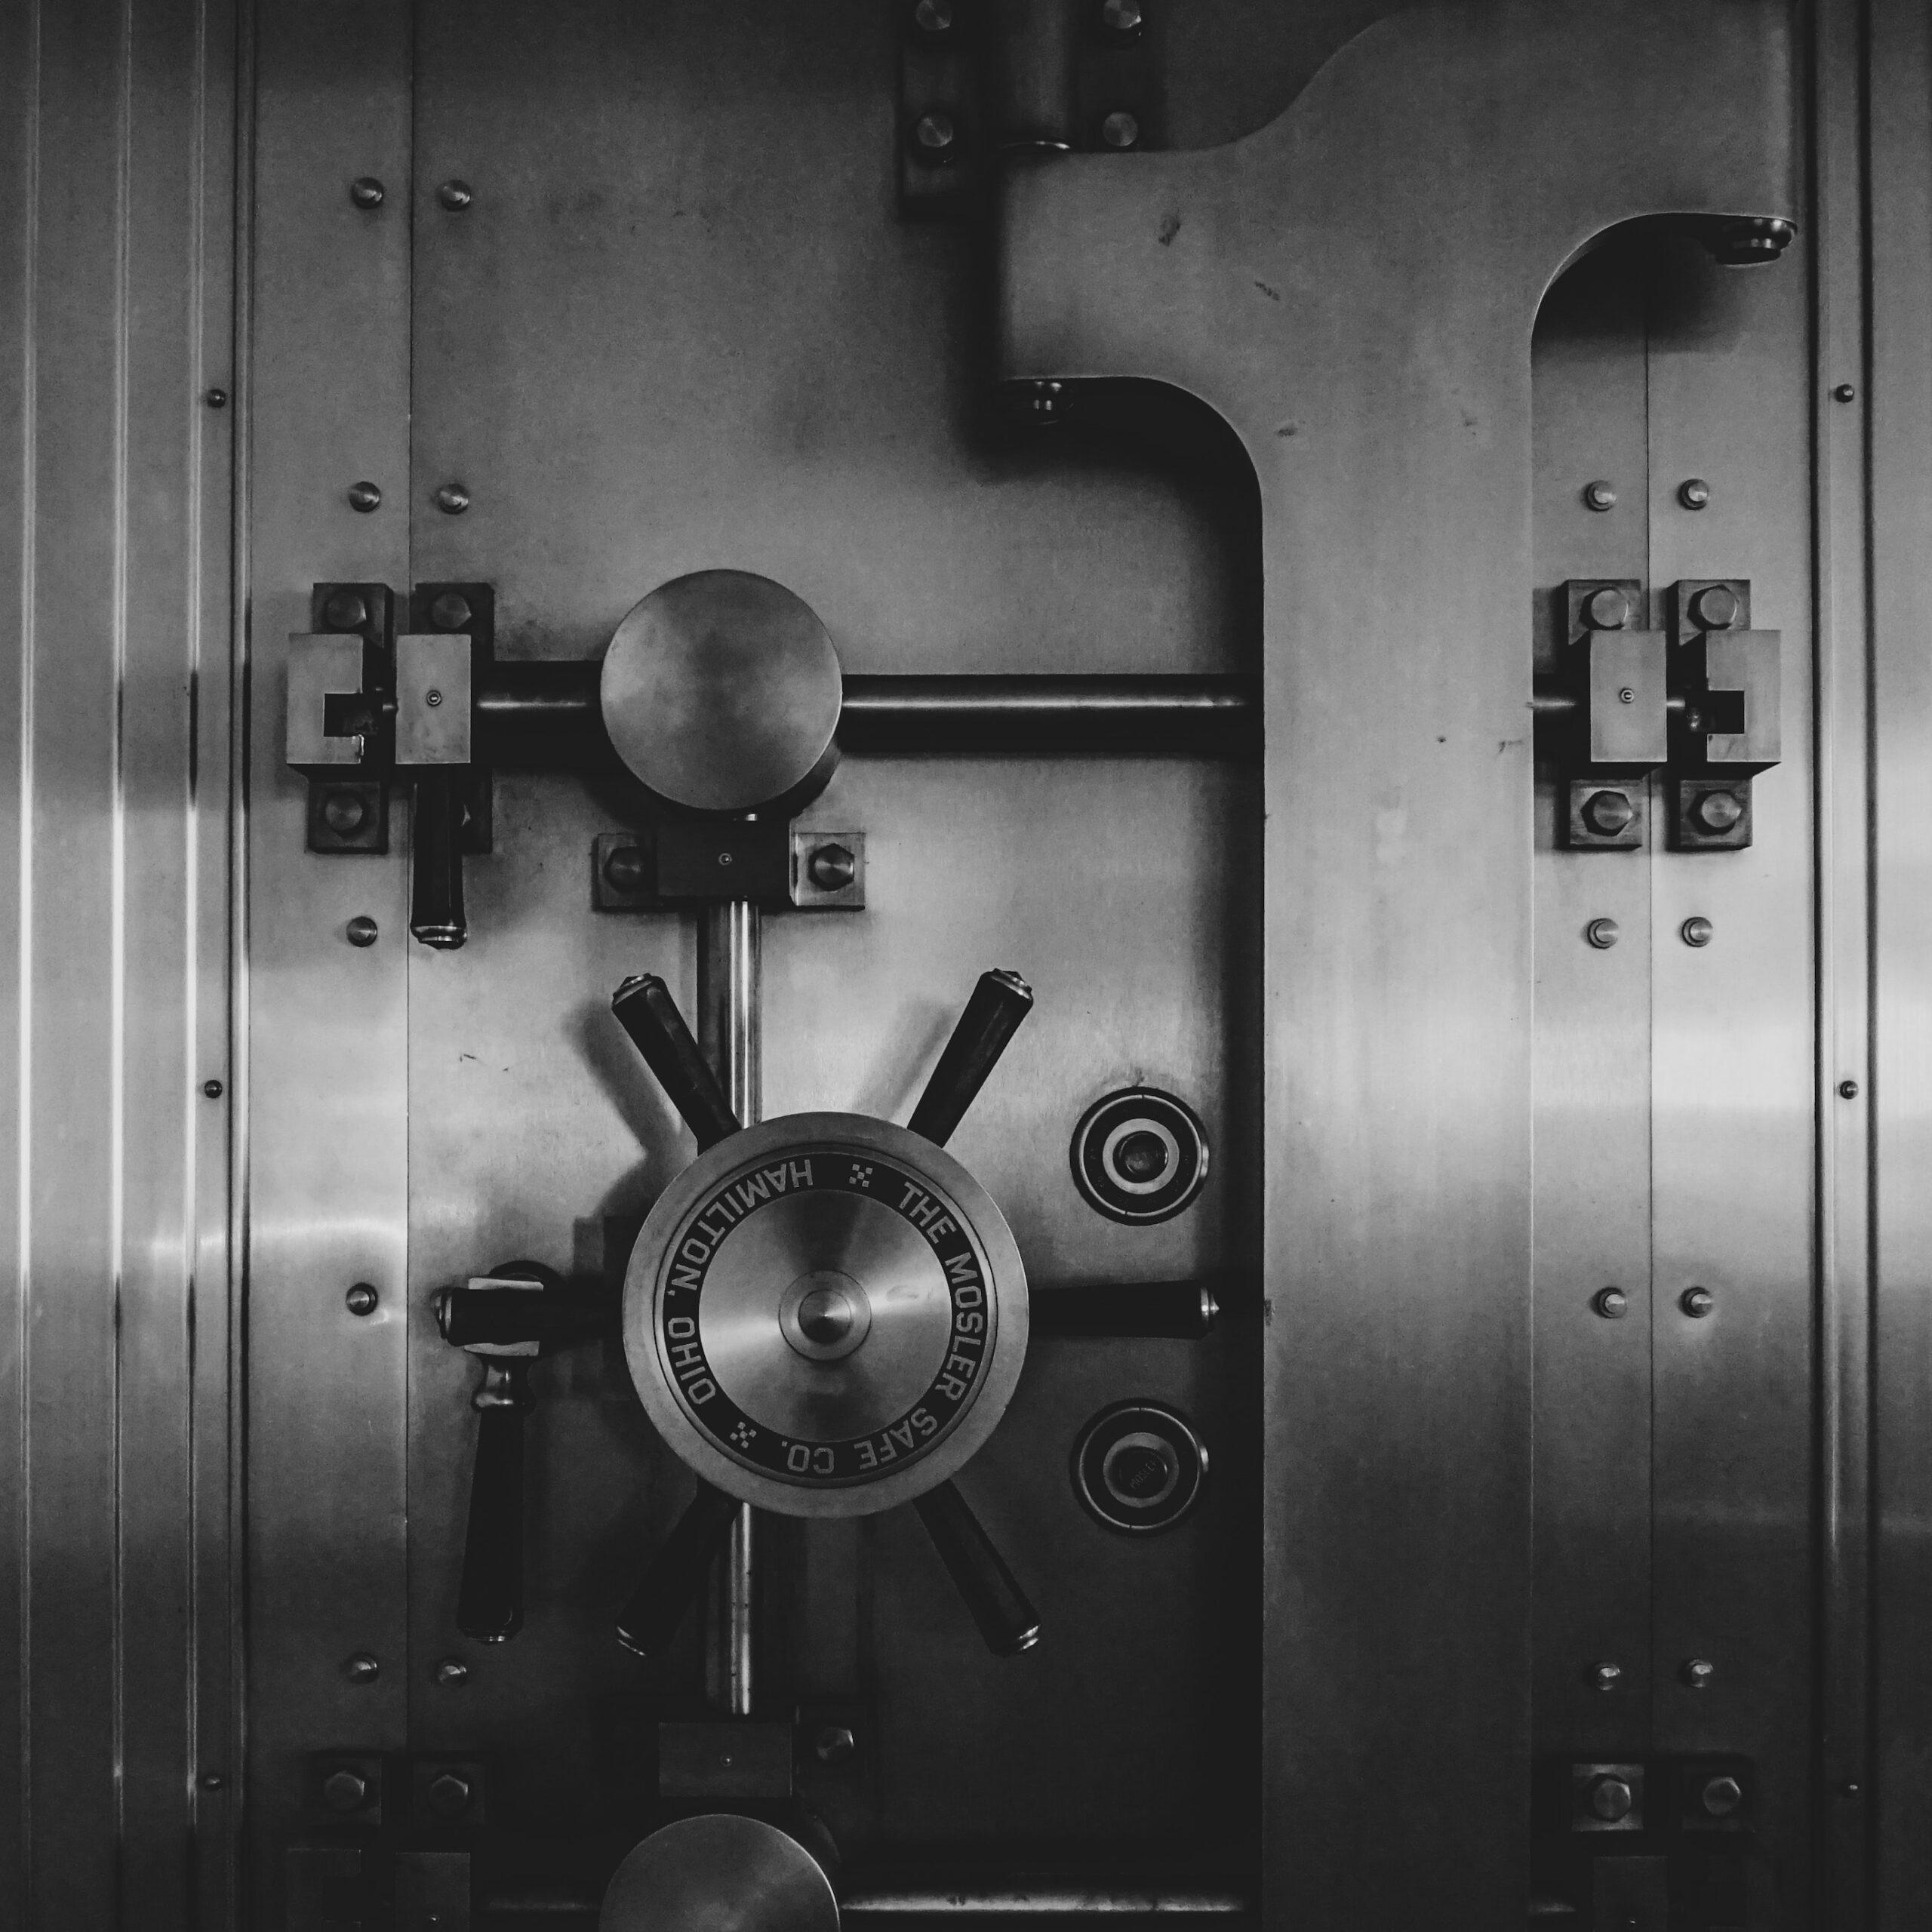 業界水準のセキュリティでお客さまの情報を守る。